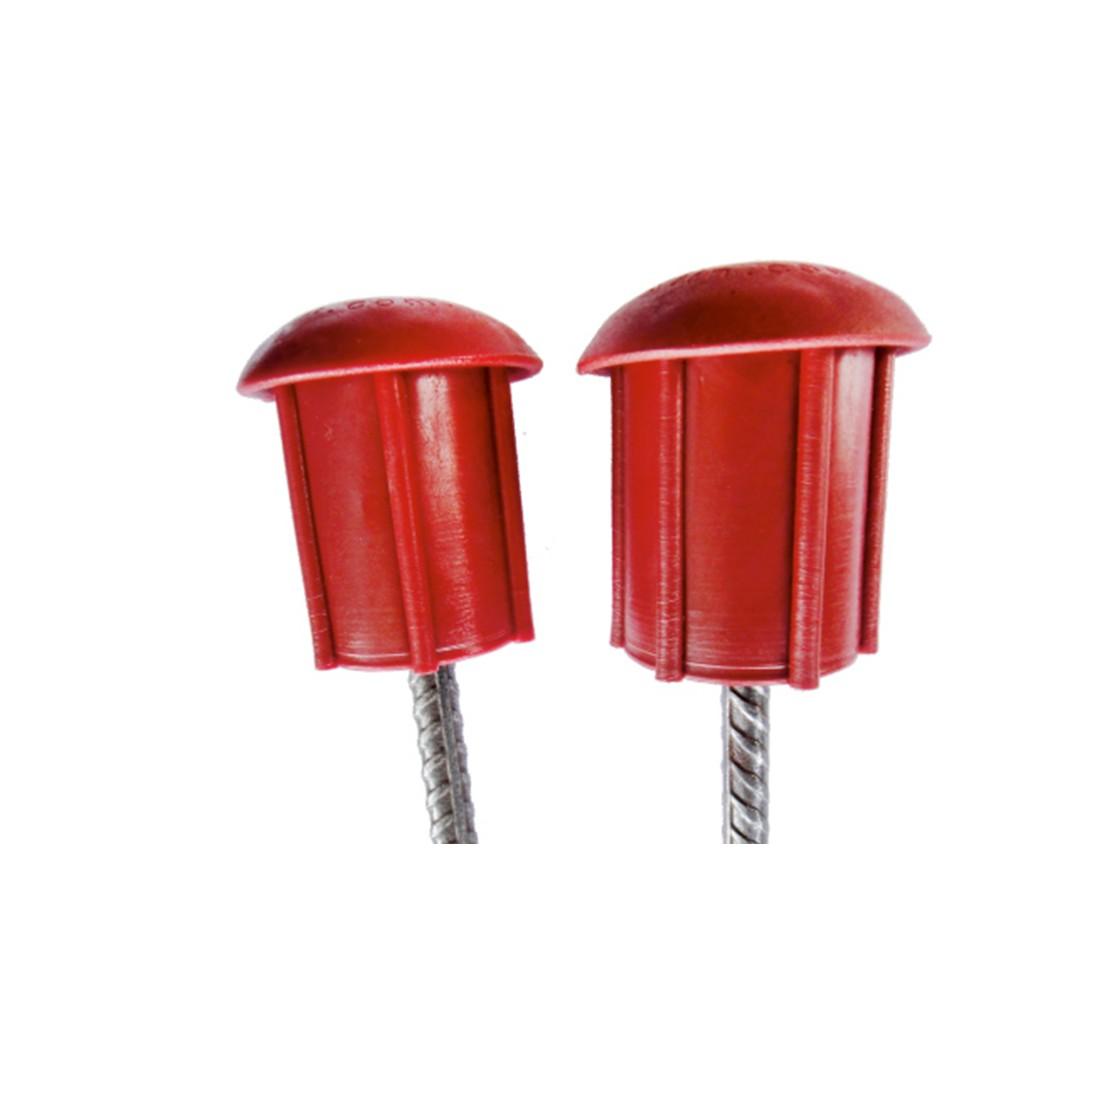 Ponteira em PVC para Protecao Vergalhao 25 Unidades- Plastin